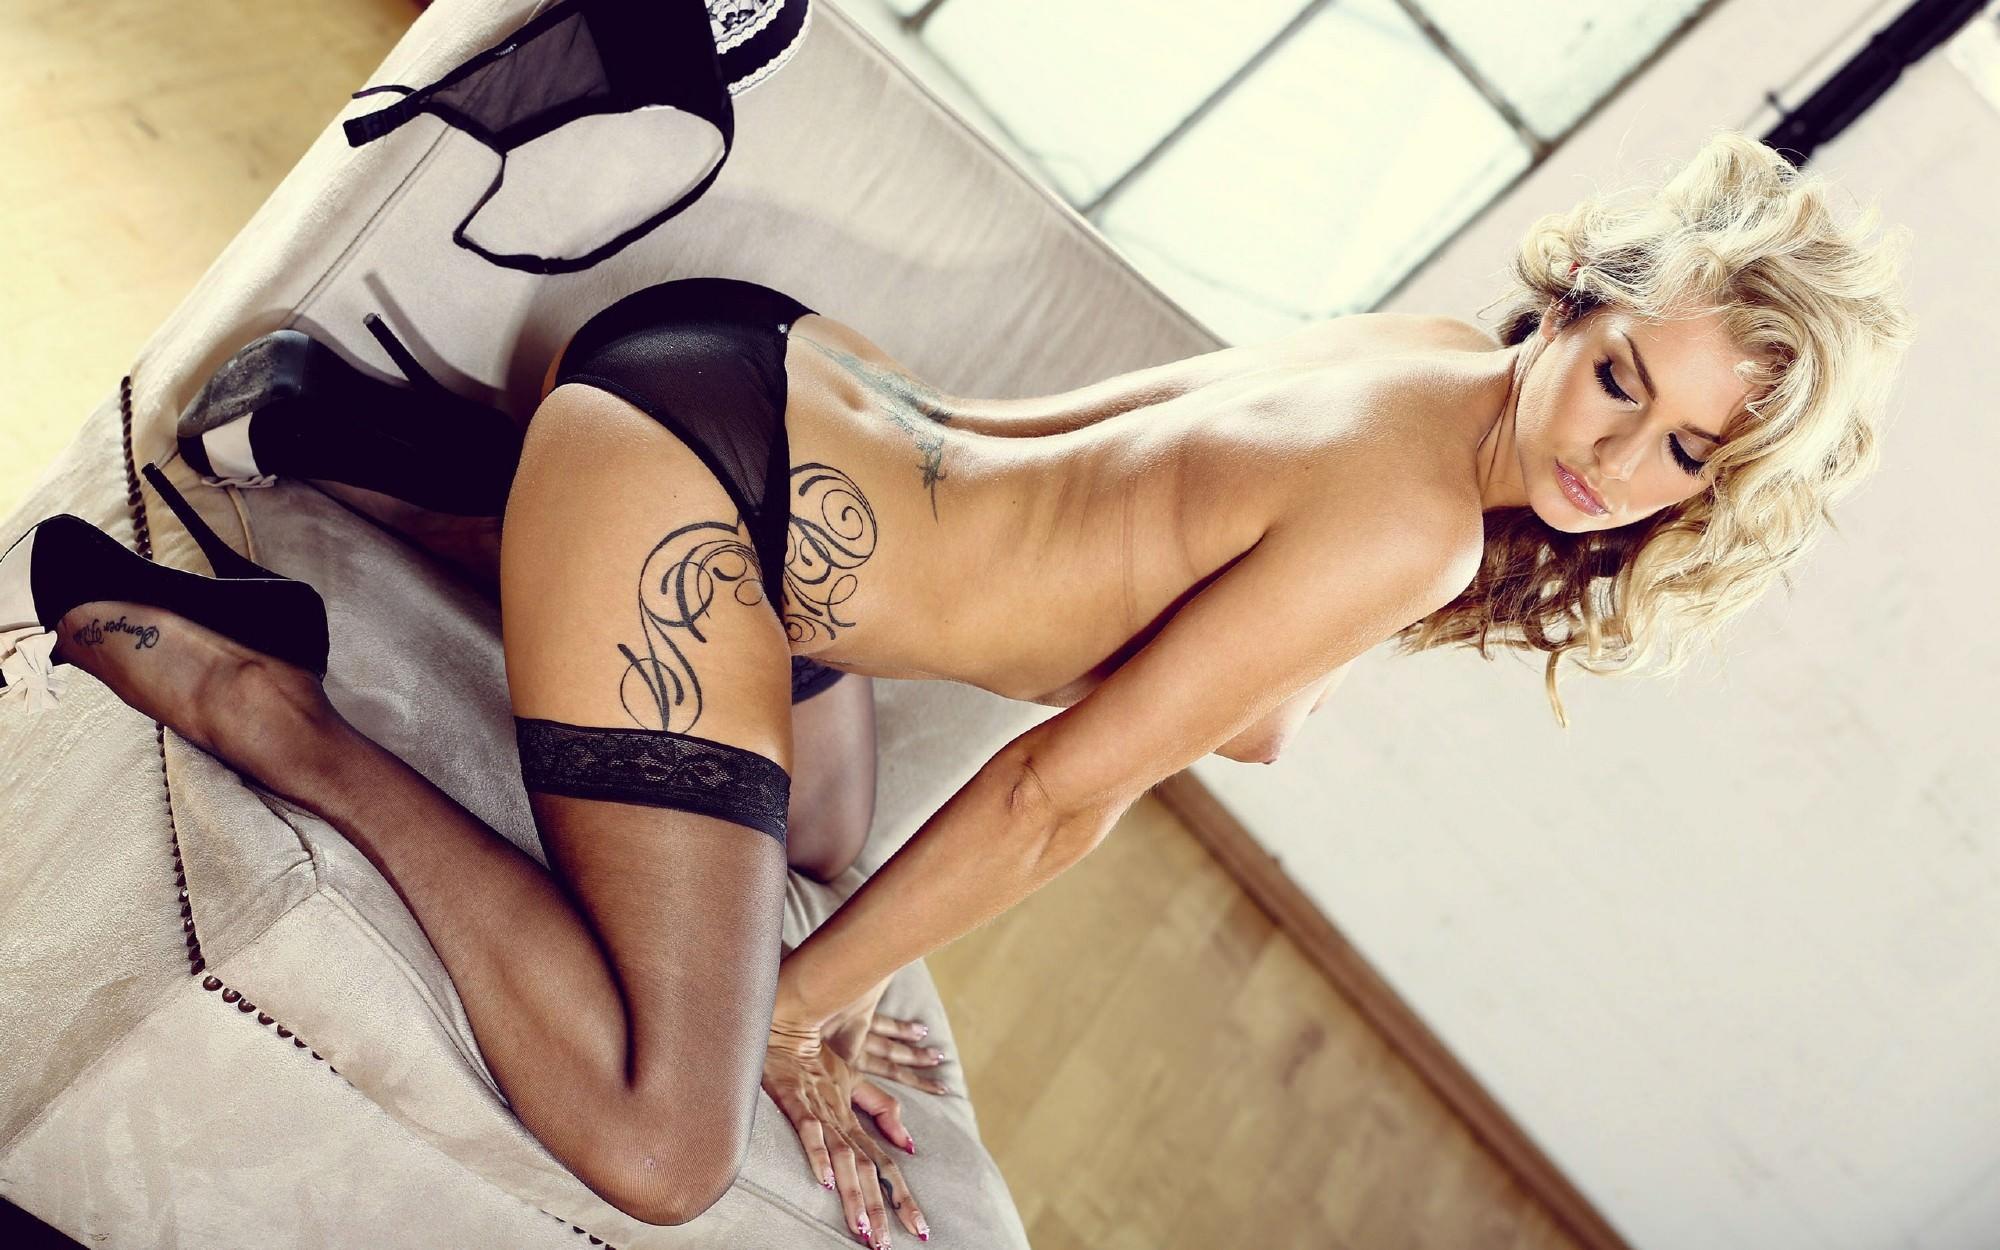 Русский секс с блондинкой с тату на пояснице 11 фотография